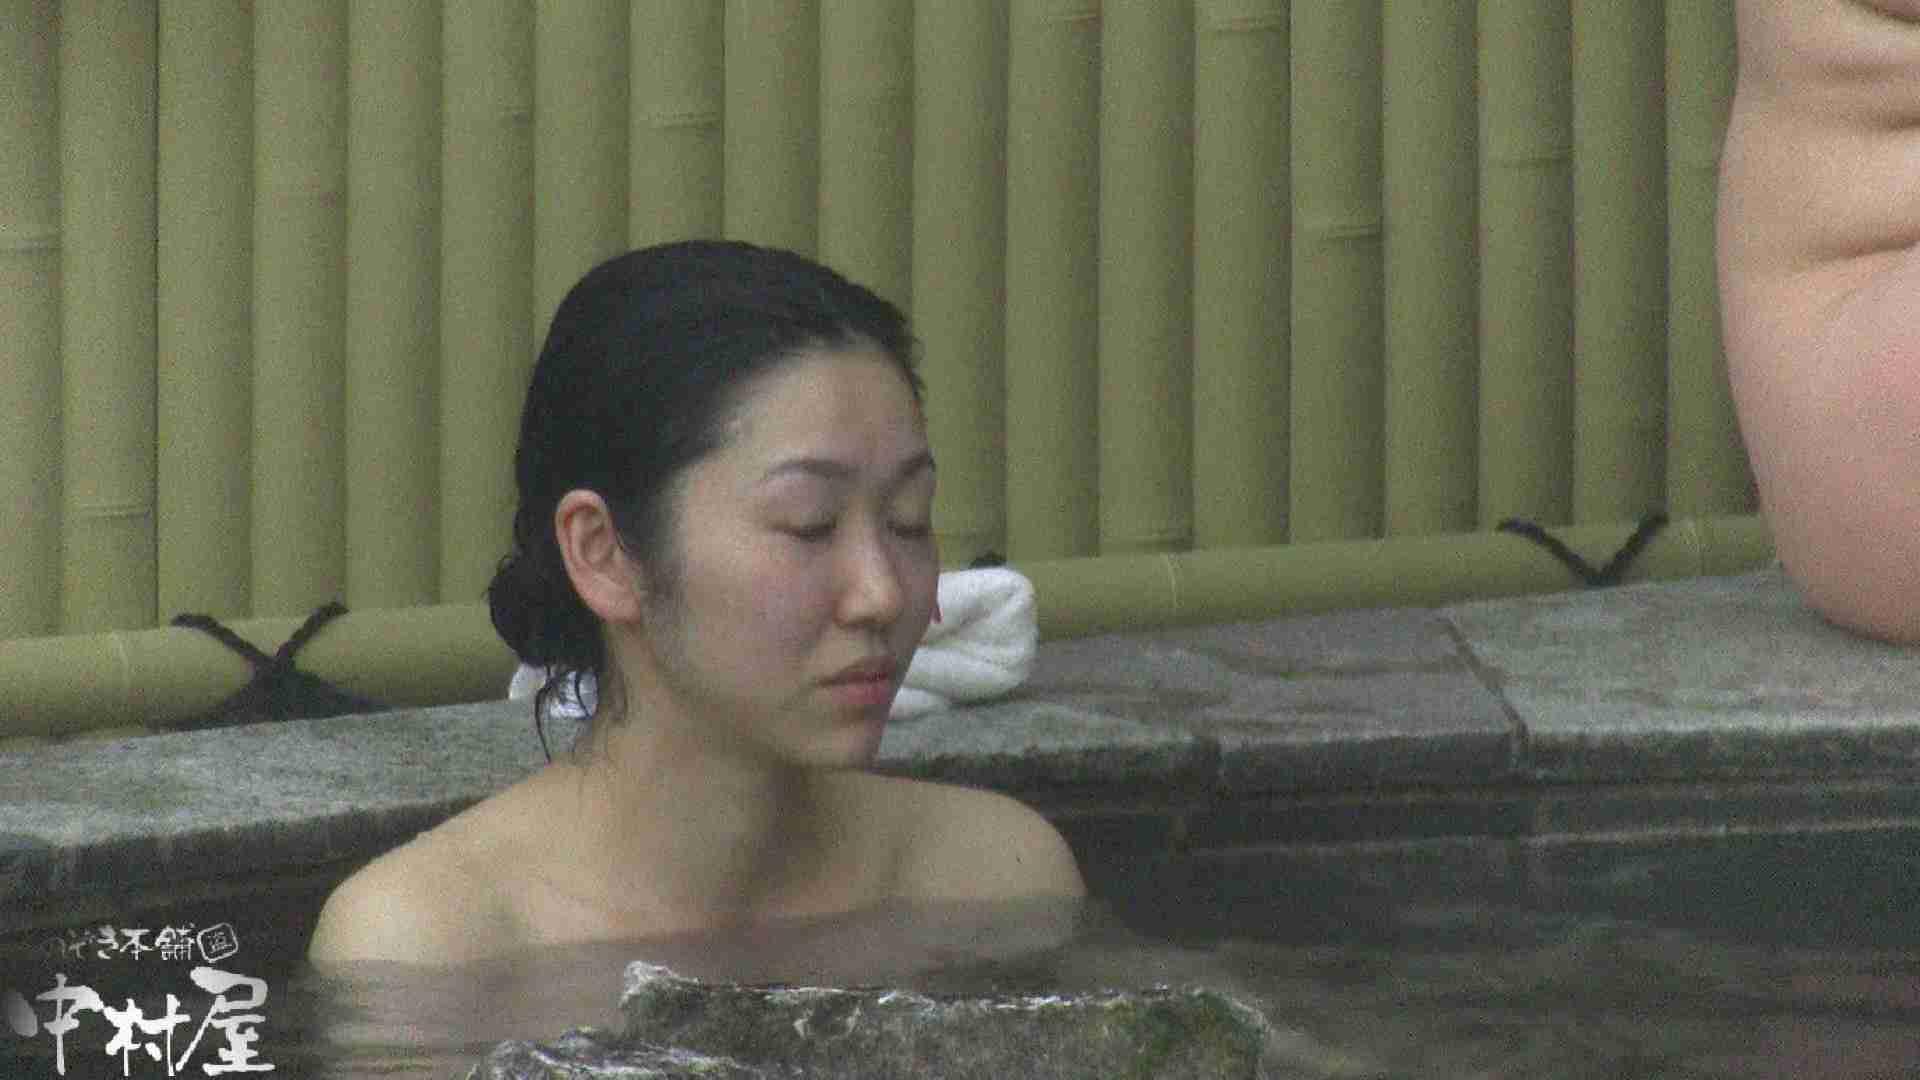 Aquaな露天風呂Vol.917 盗撮 | 露天  55pic 23